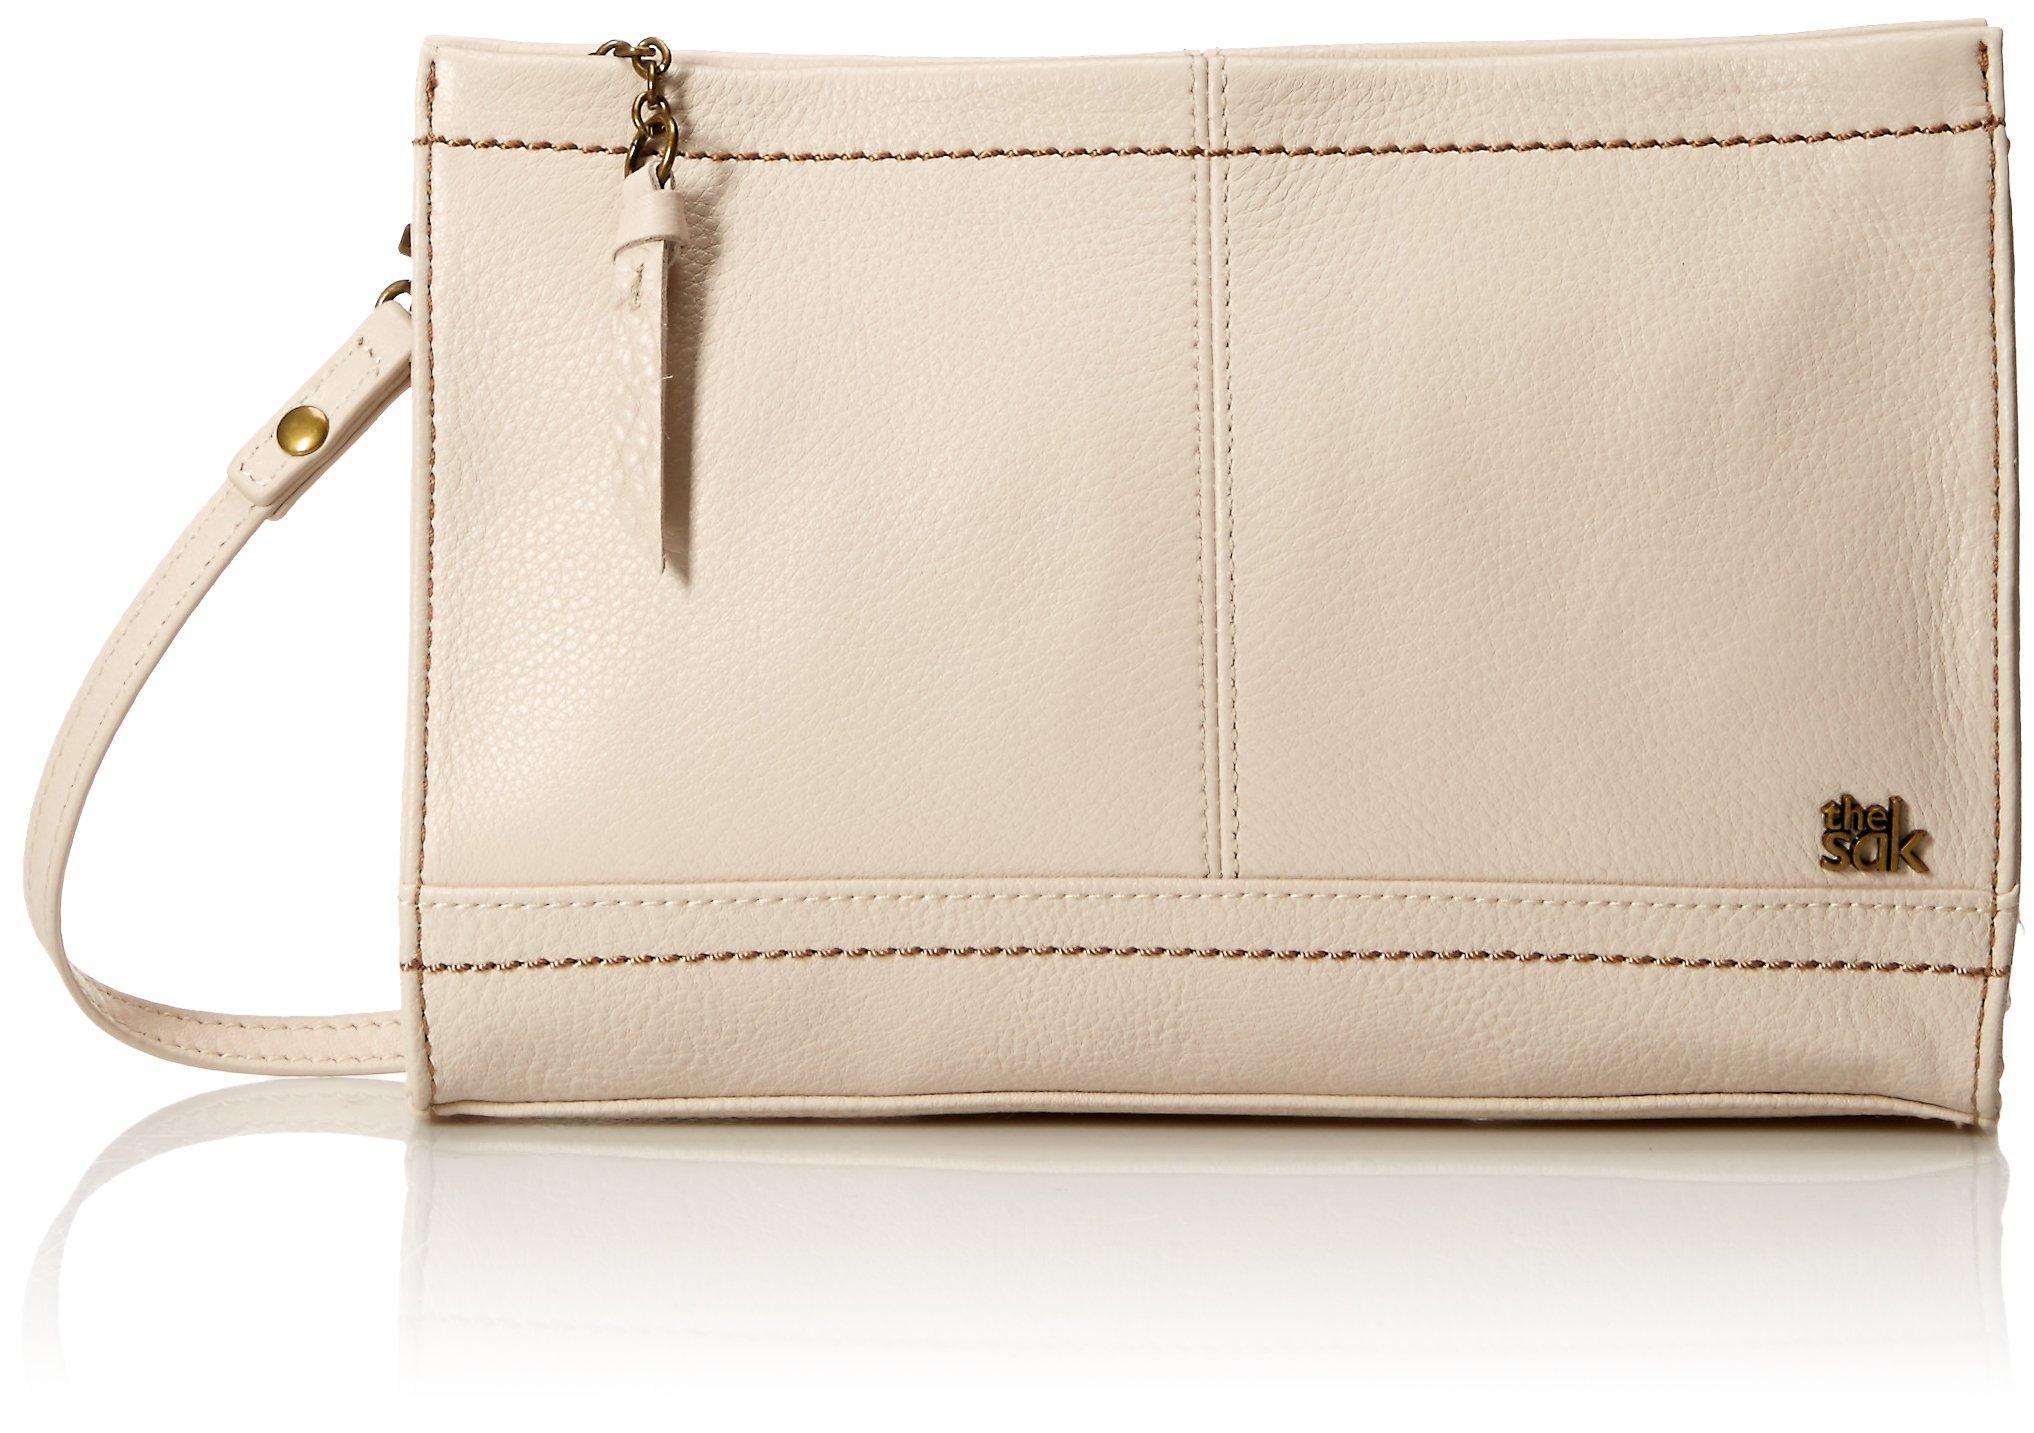 The SAK Iris Demi Clutch Handbag,Stone,One Size